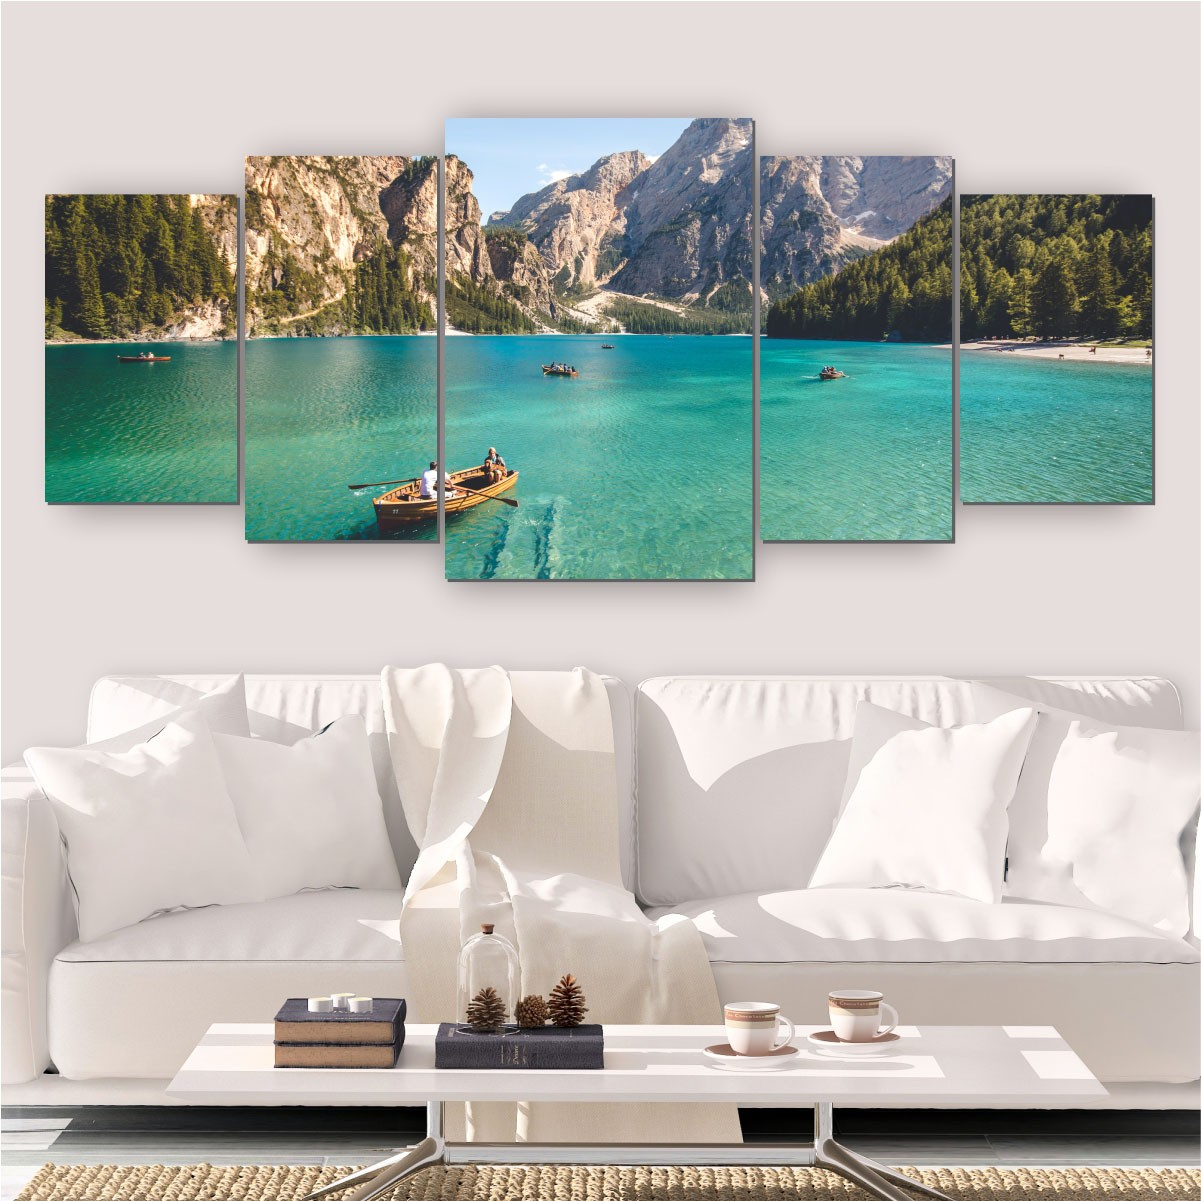 Quadros Decorativos Mosaico Quarto Sala Barco 5 peças - 144x60cm